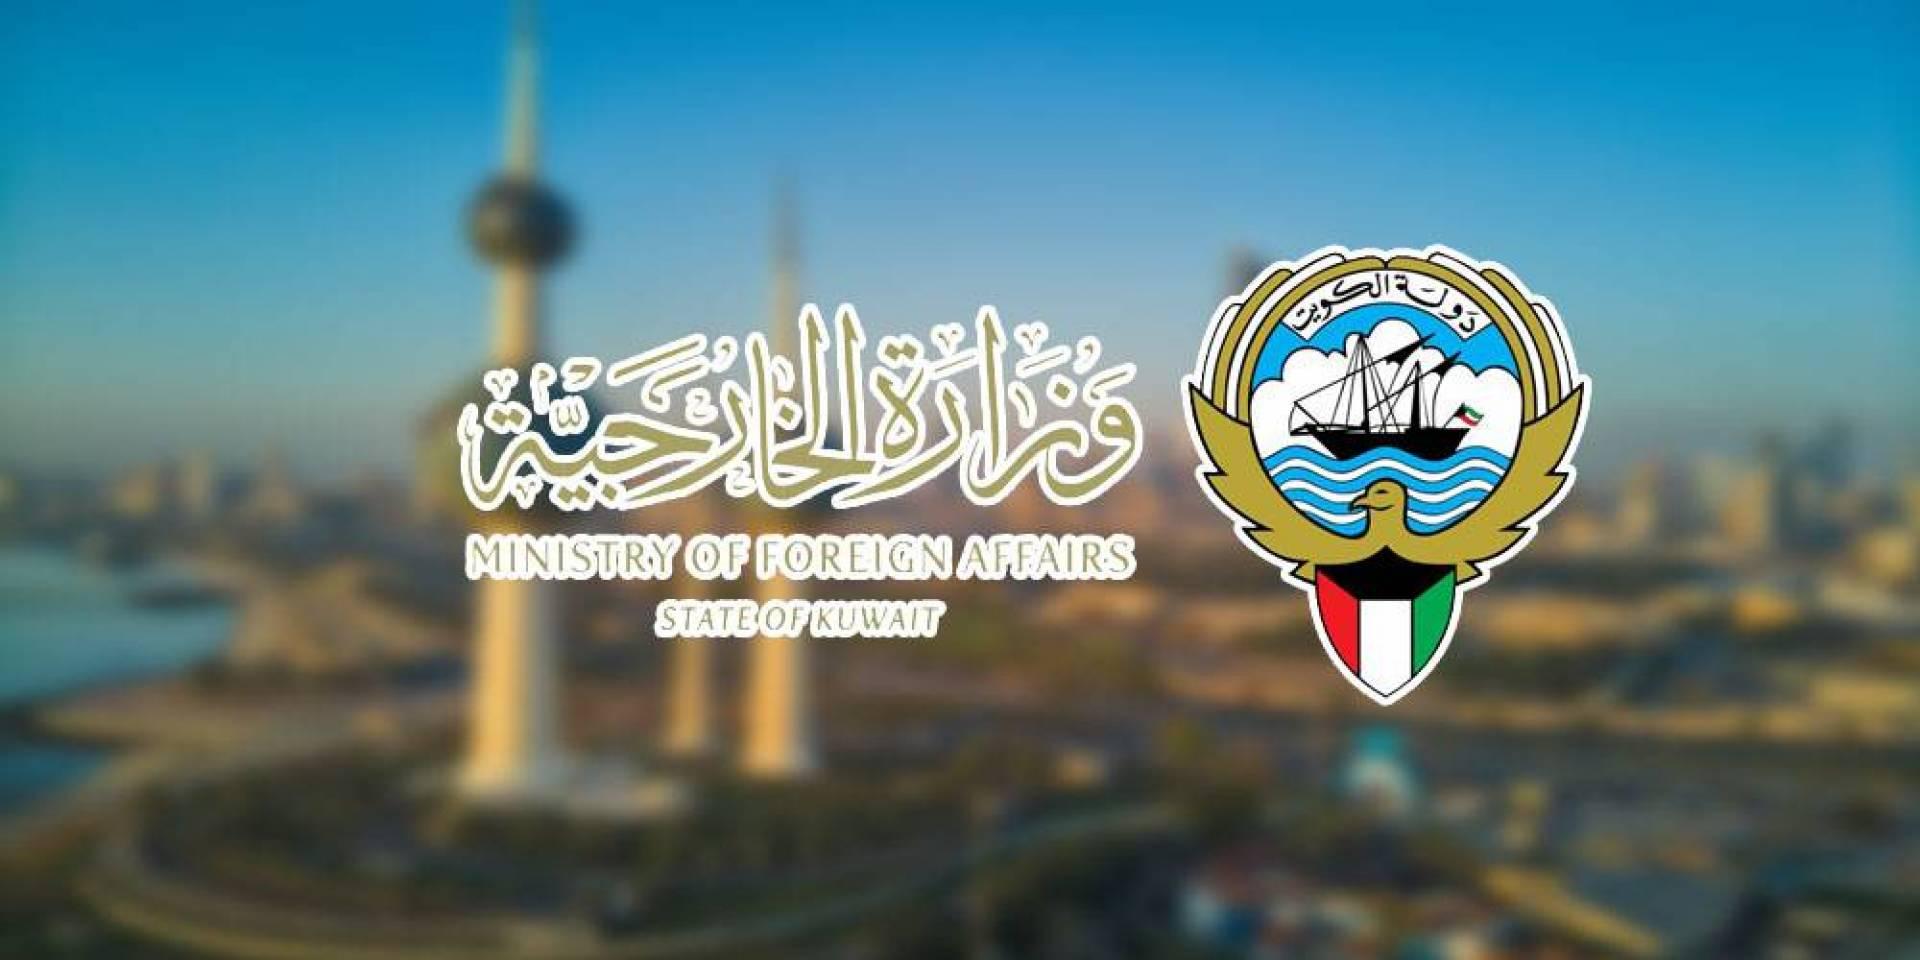 «الخارجية»: الكويت تدين استهداف الحوثيين محطة توزيع منتجات بترولية بالسعودية